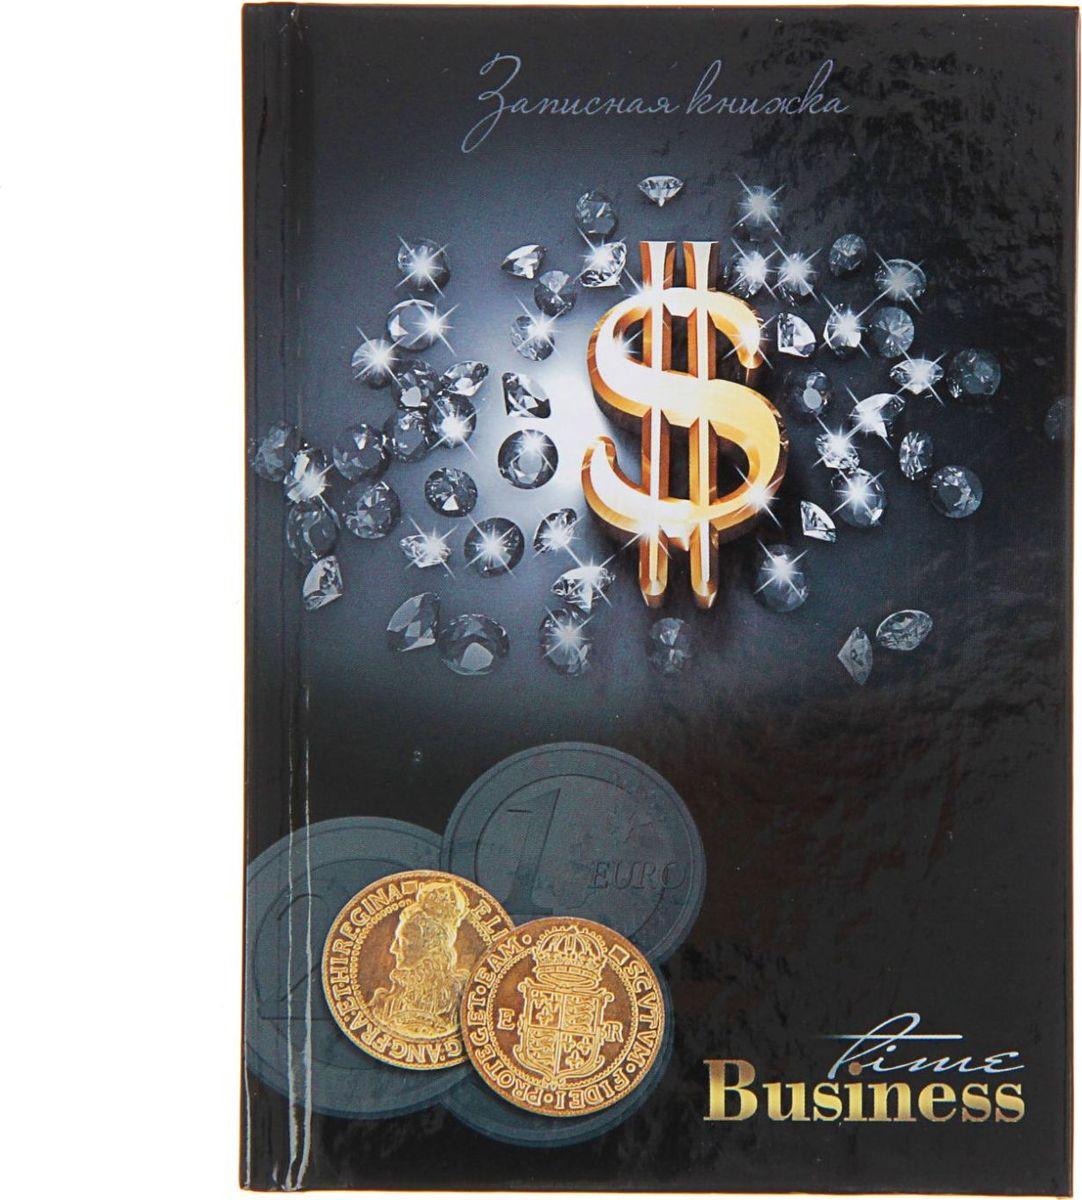 Проф-Пресс Записная книжка Золотые монеты 64 листа1211540Записная книжка — компактное и практичное полиграфическое изделие, предназначенное для разного рода записей и заметок.Такой предмет прекрасно подойдёт для фиксации повседневных дел. Это канцелярское изделие отличается красочным оформлением и придётся по душе как взрослому, так и ребёнку. Записная книжка твёрдая обложка А6, 64 листа Золотые монеты, глянцевая ламинация обладает всеми необходимыми характеристиками, чтобы стать вашим полноценным помощником на каждый день.